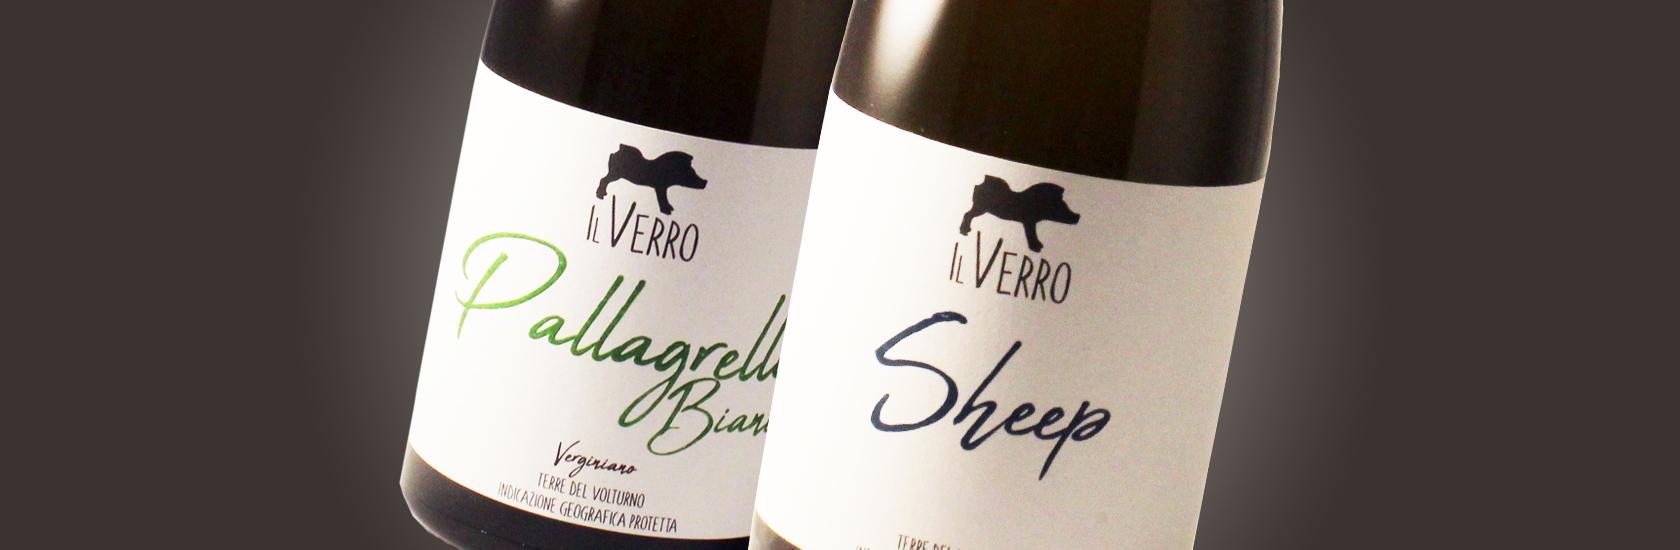 Il Verro Azienda Agricola. Vini bianchi Bio. Slide.